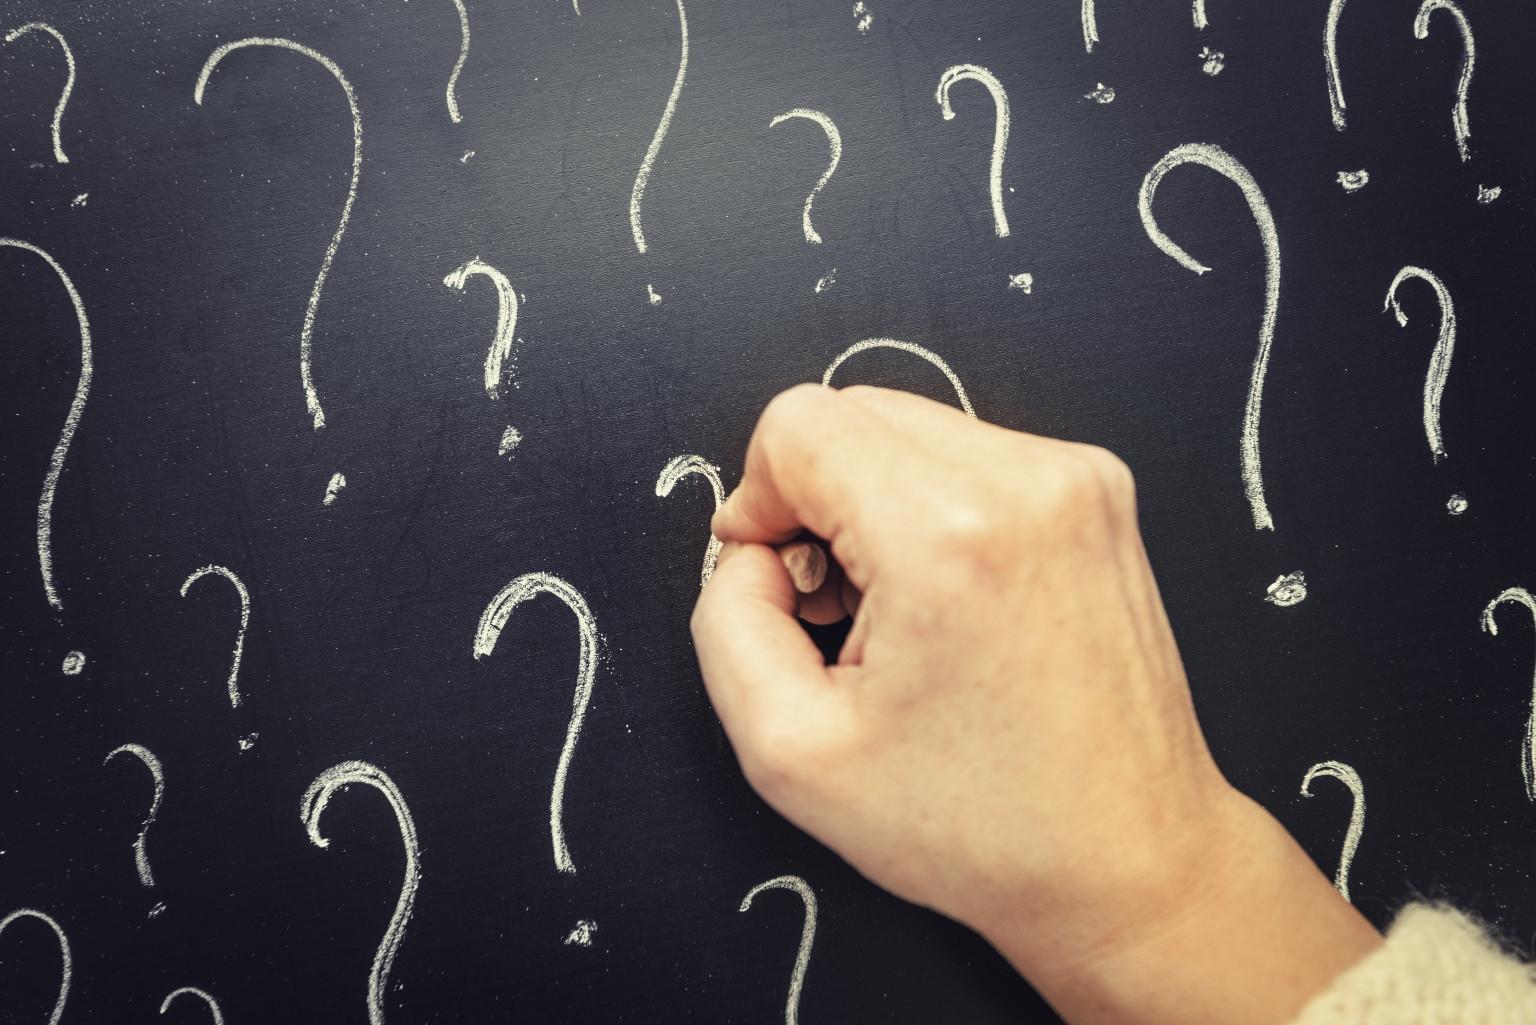 18 câu hỏi giúp bạn nhận ra ý nghĩa cuộc sống